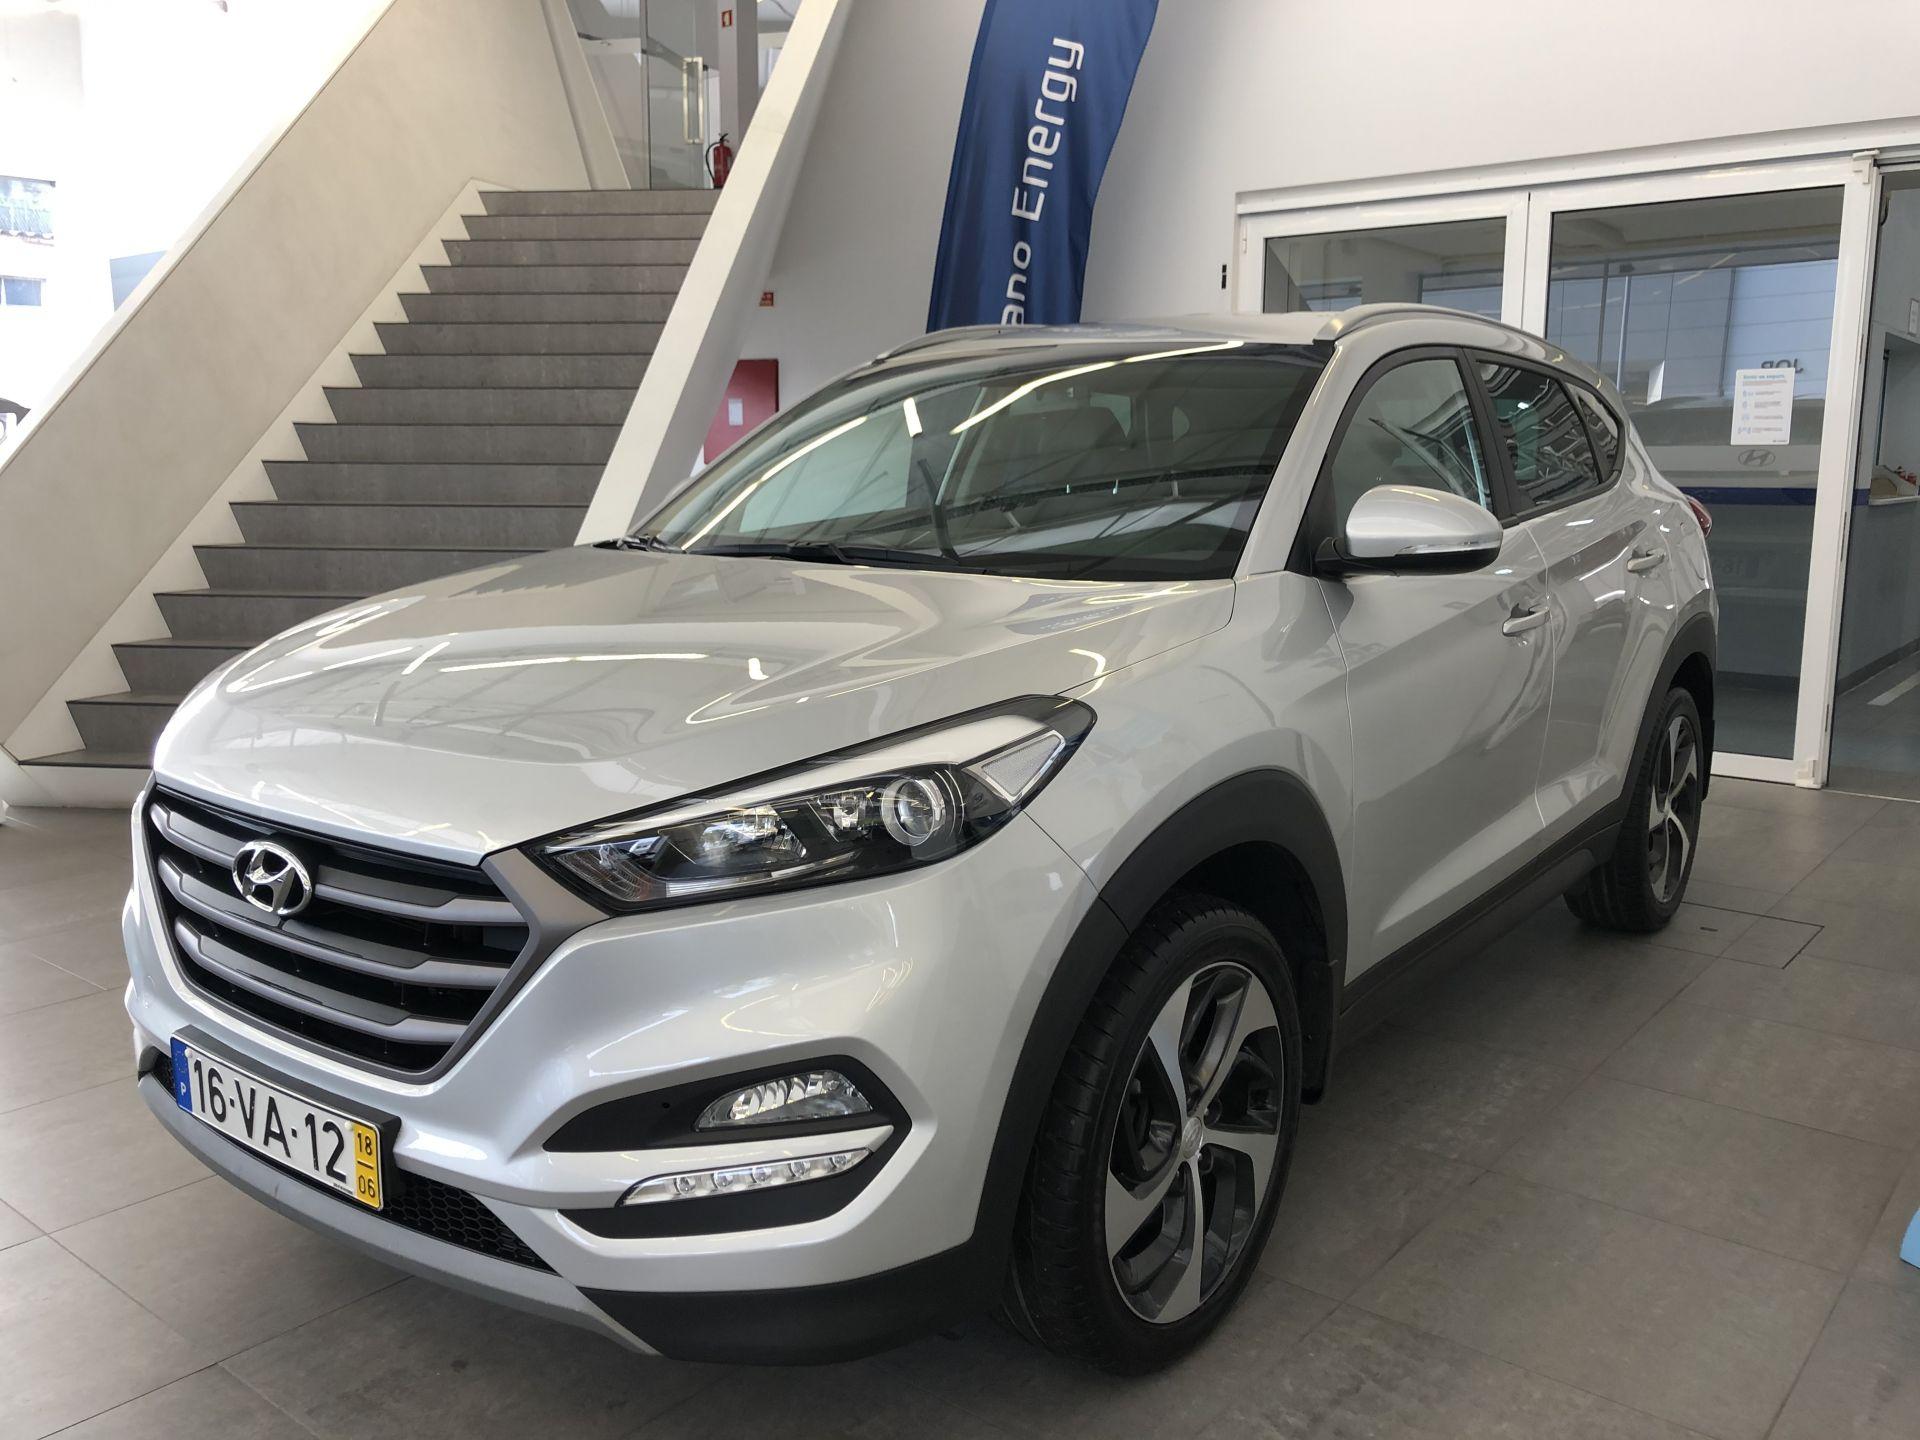 Hyundai Tucson 1.7 CRDi Premium MY18 segunda mão Porto